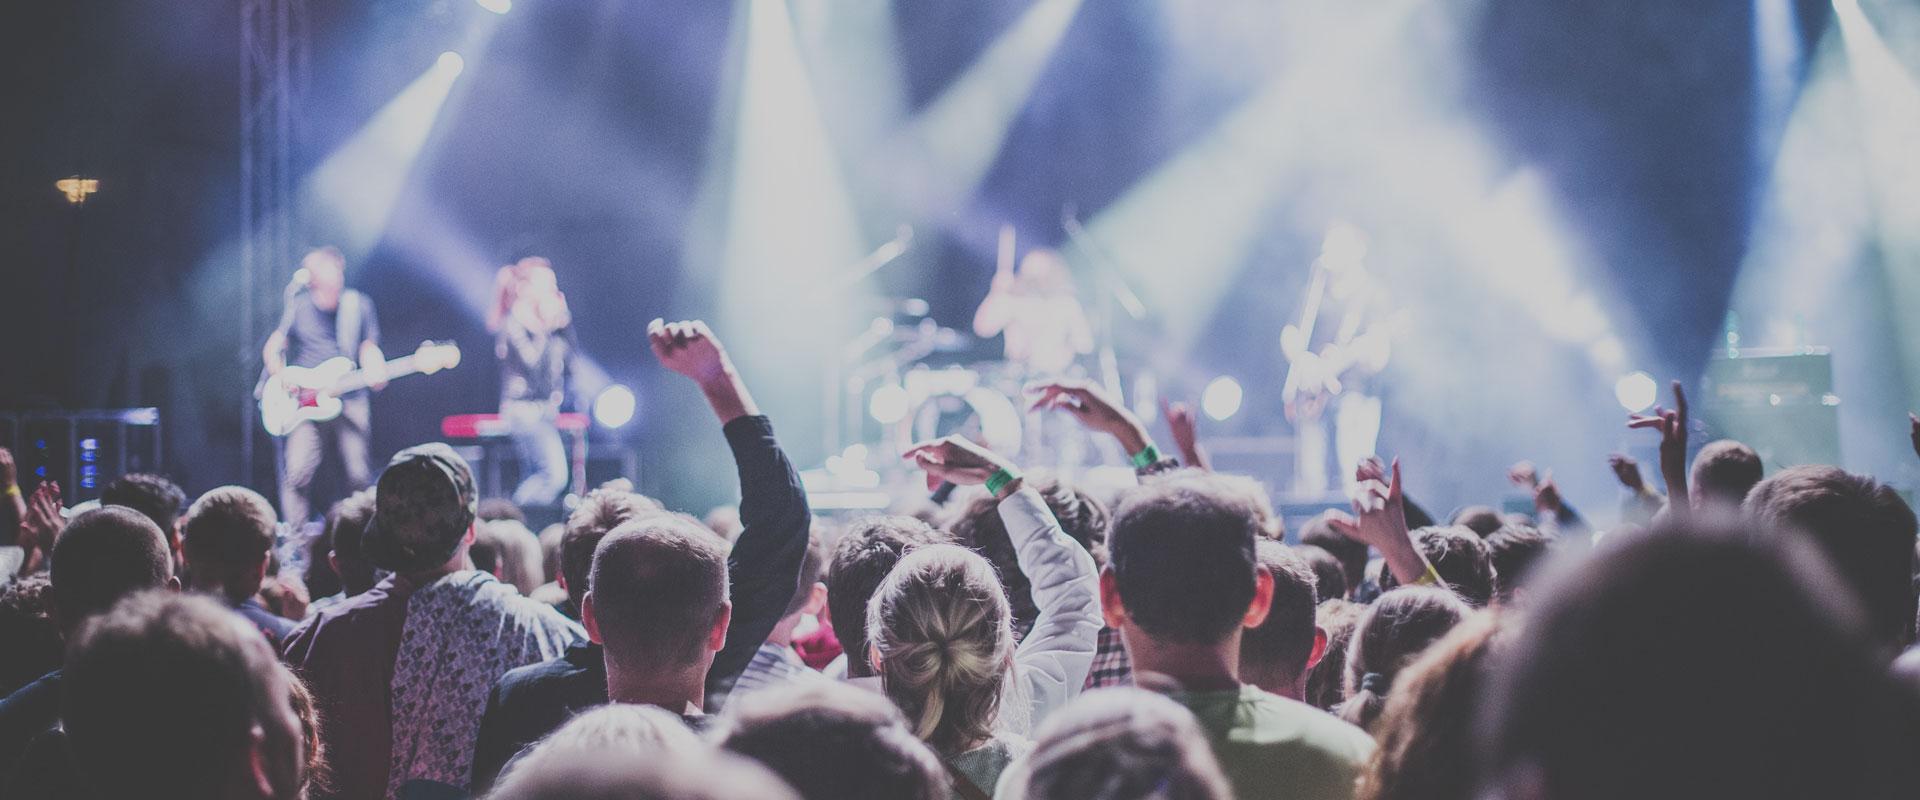 VS-Feste & Festivals